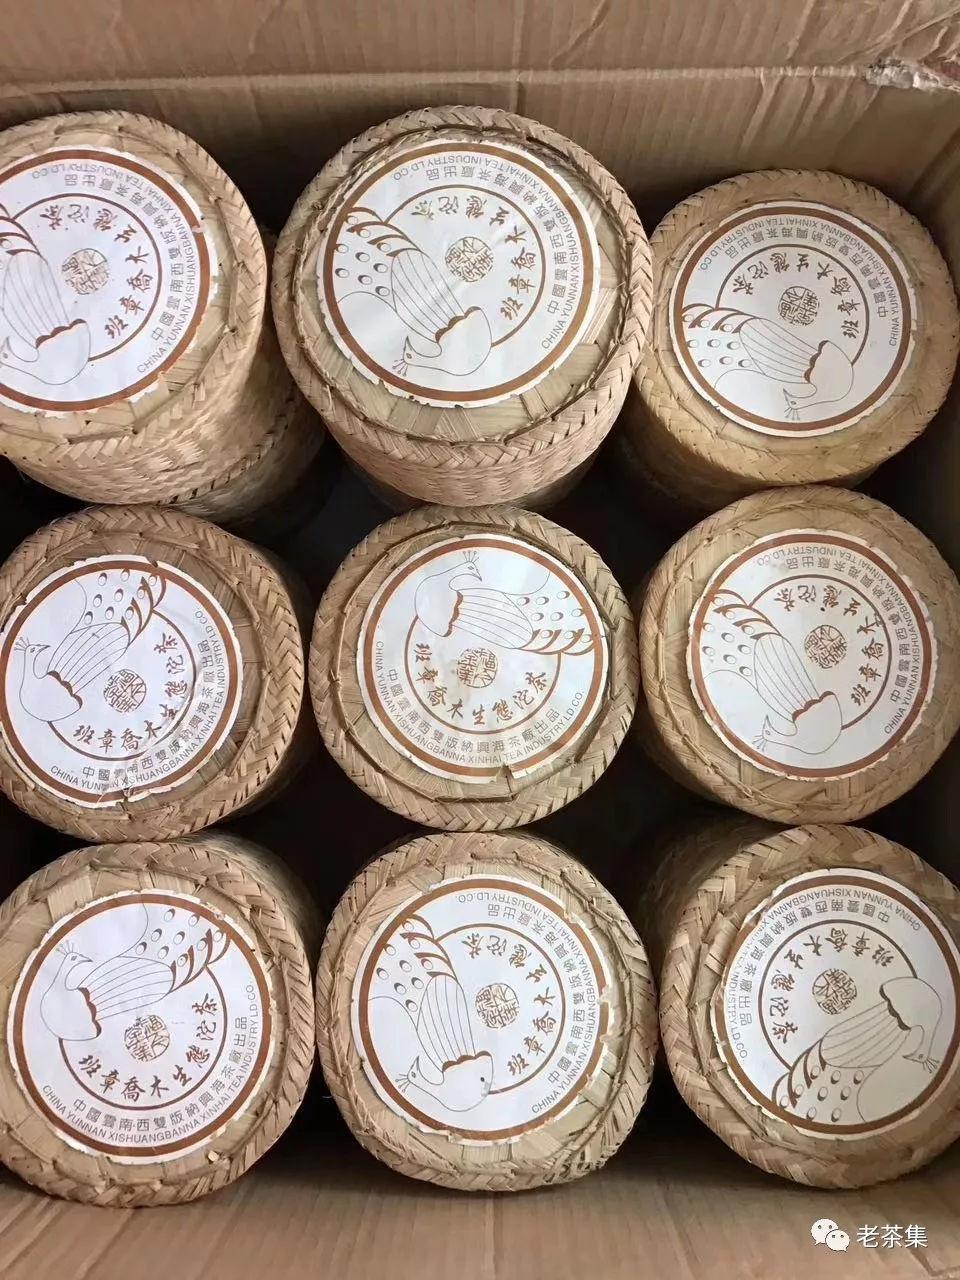 老茶档案:兴海茶厂2004年班章乔木生态沱茶(土鸡沱)(竹篮沱) 普洱知识 第4张